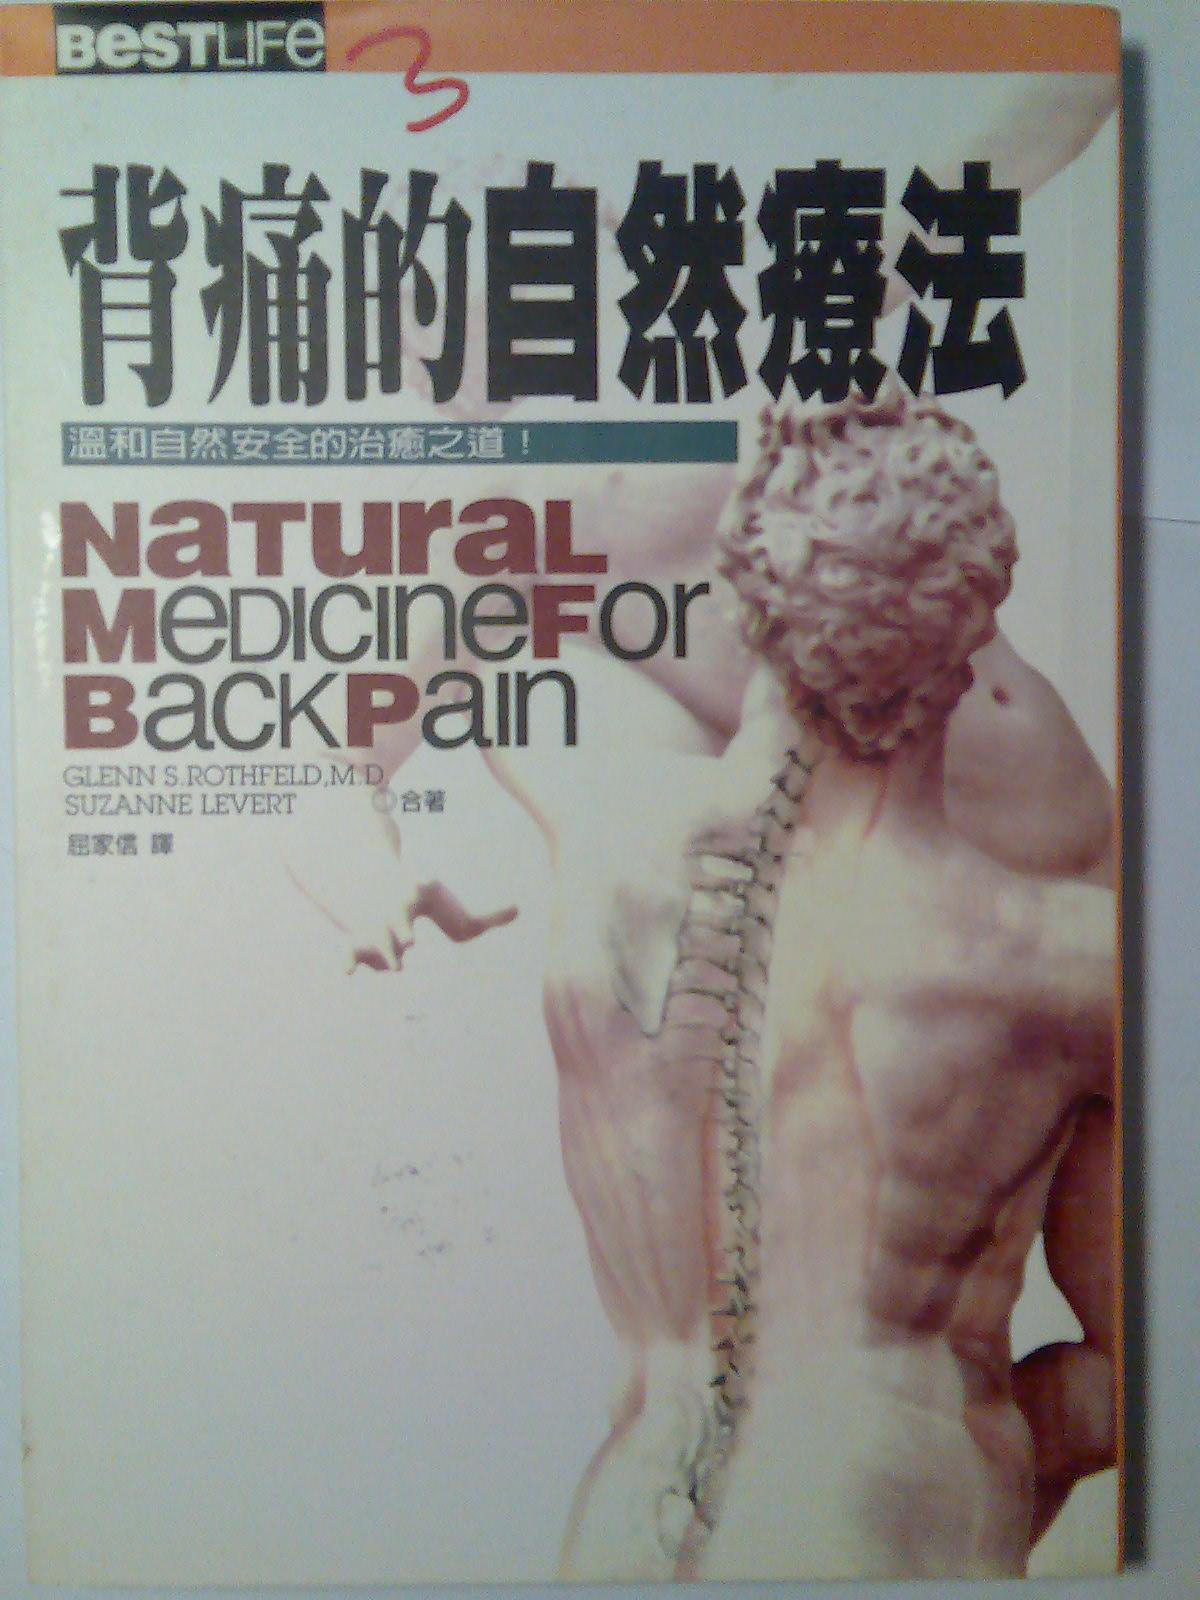 背痛的自然療法